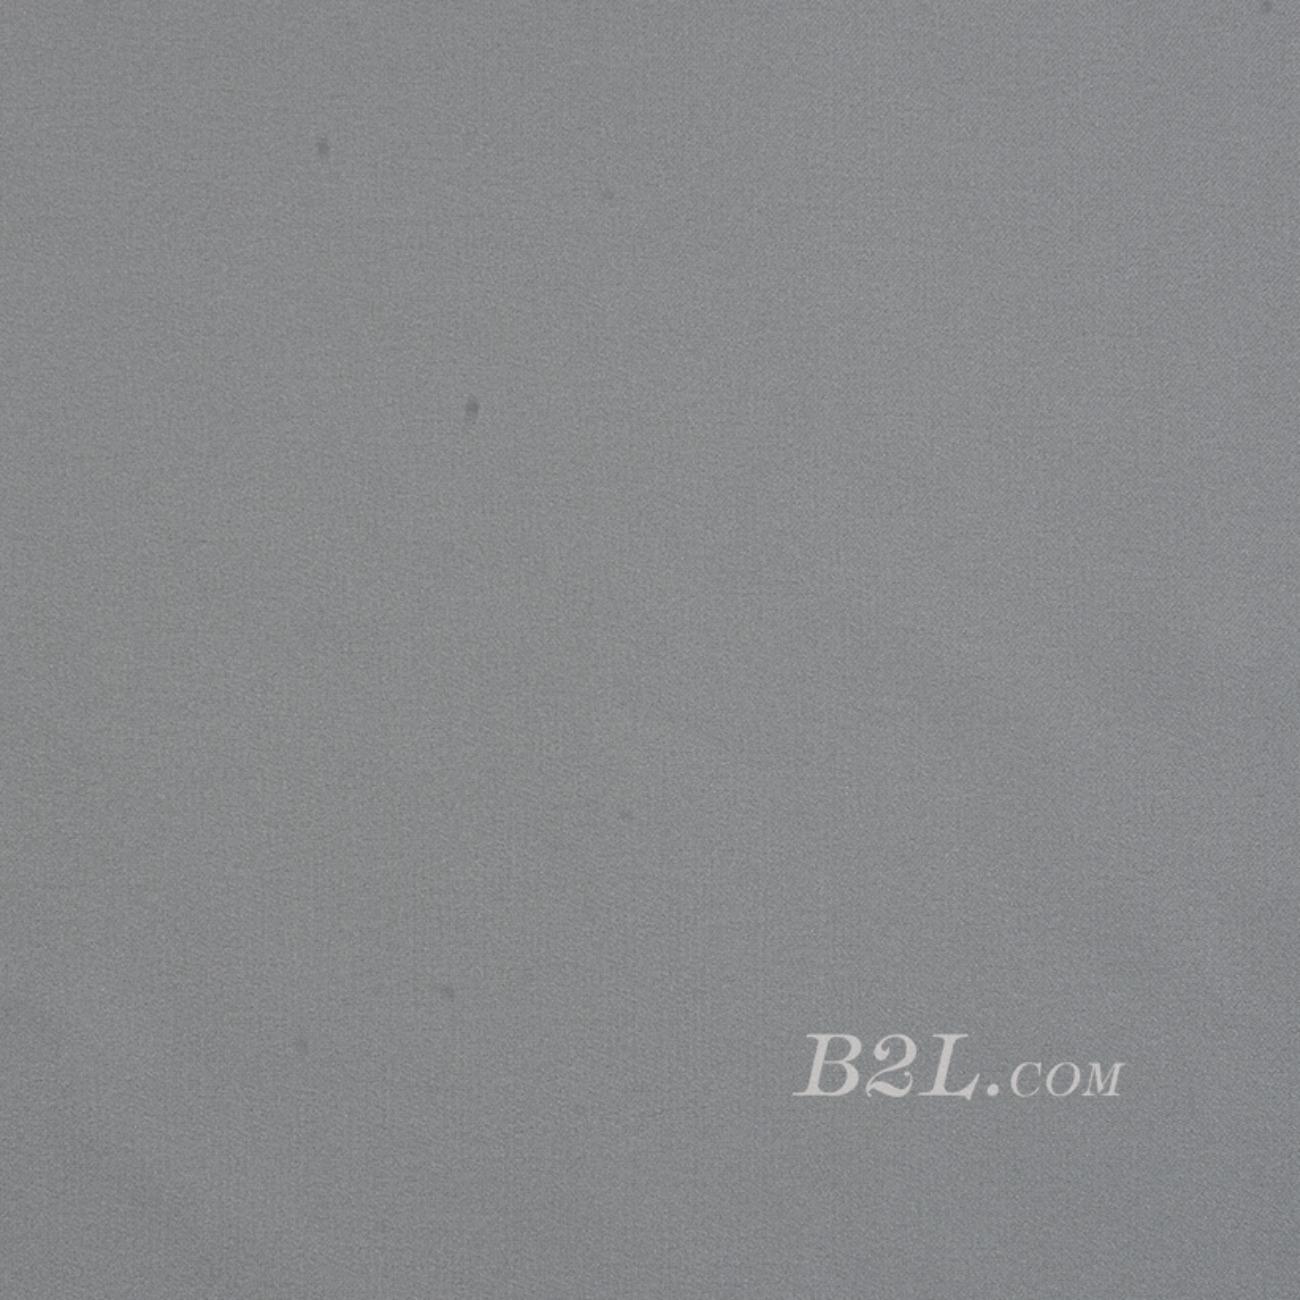 19MM 素色 梭织 高弹 弹力双乔 桑蚕丝 染色 连衣裙 短裙 衬衫 春 秋 柔软 薄 81201-5